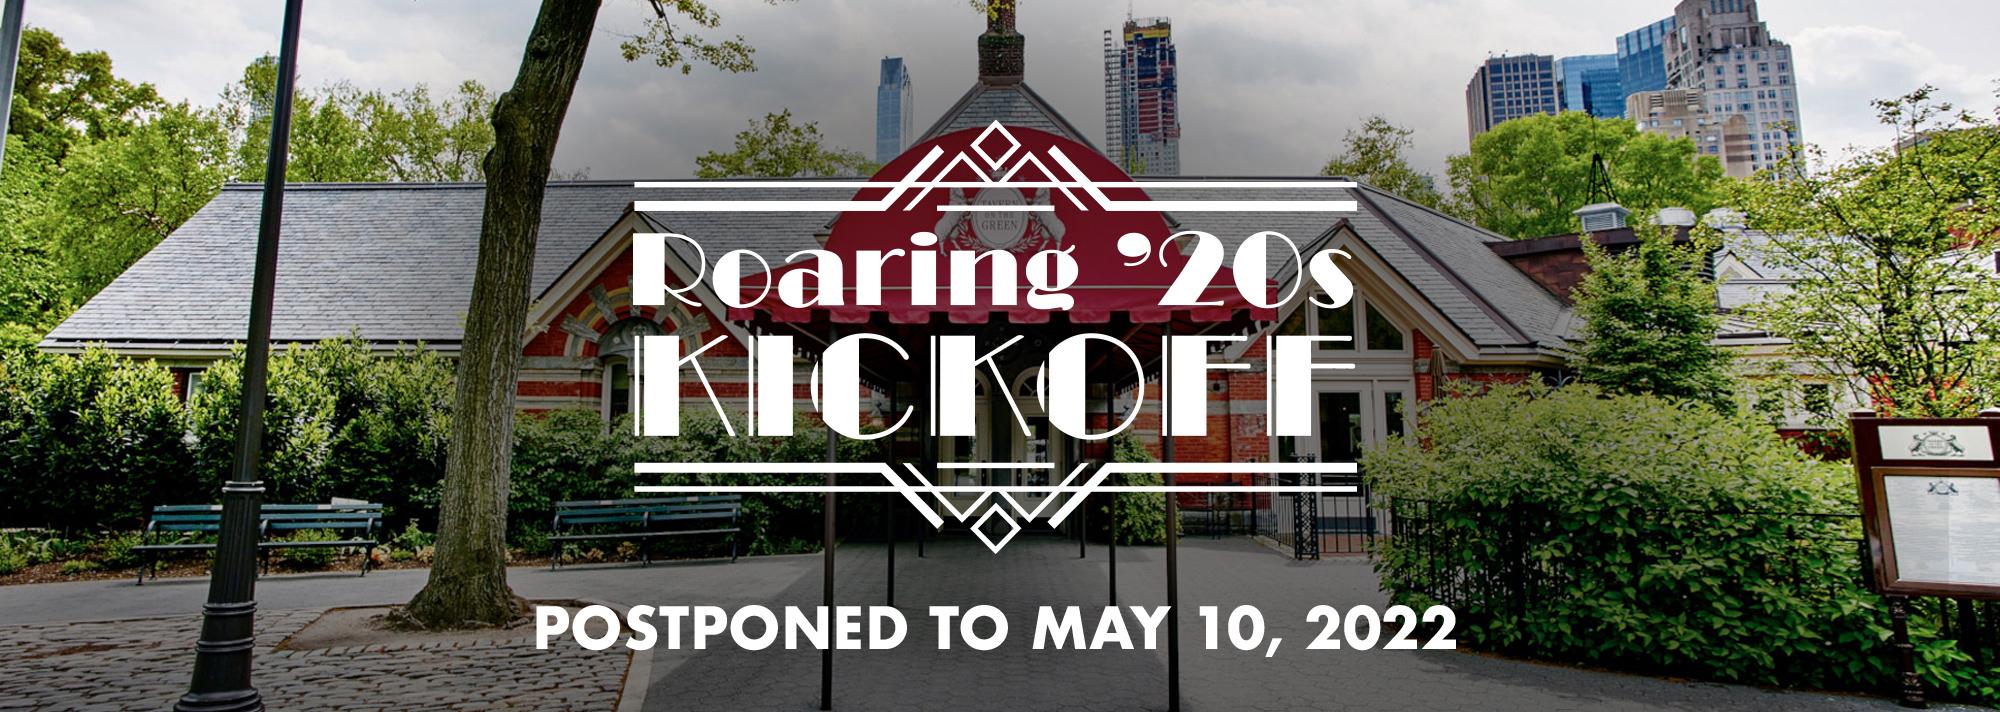 Roaring '20s Kickoff